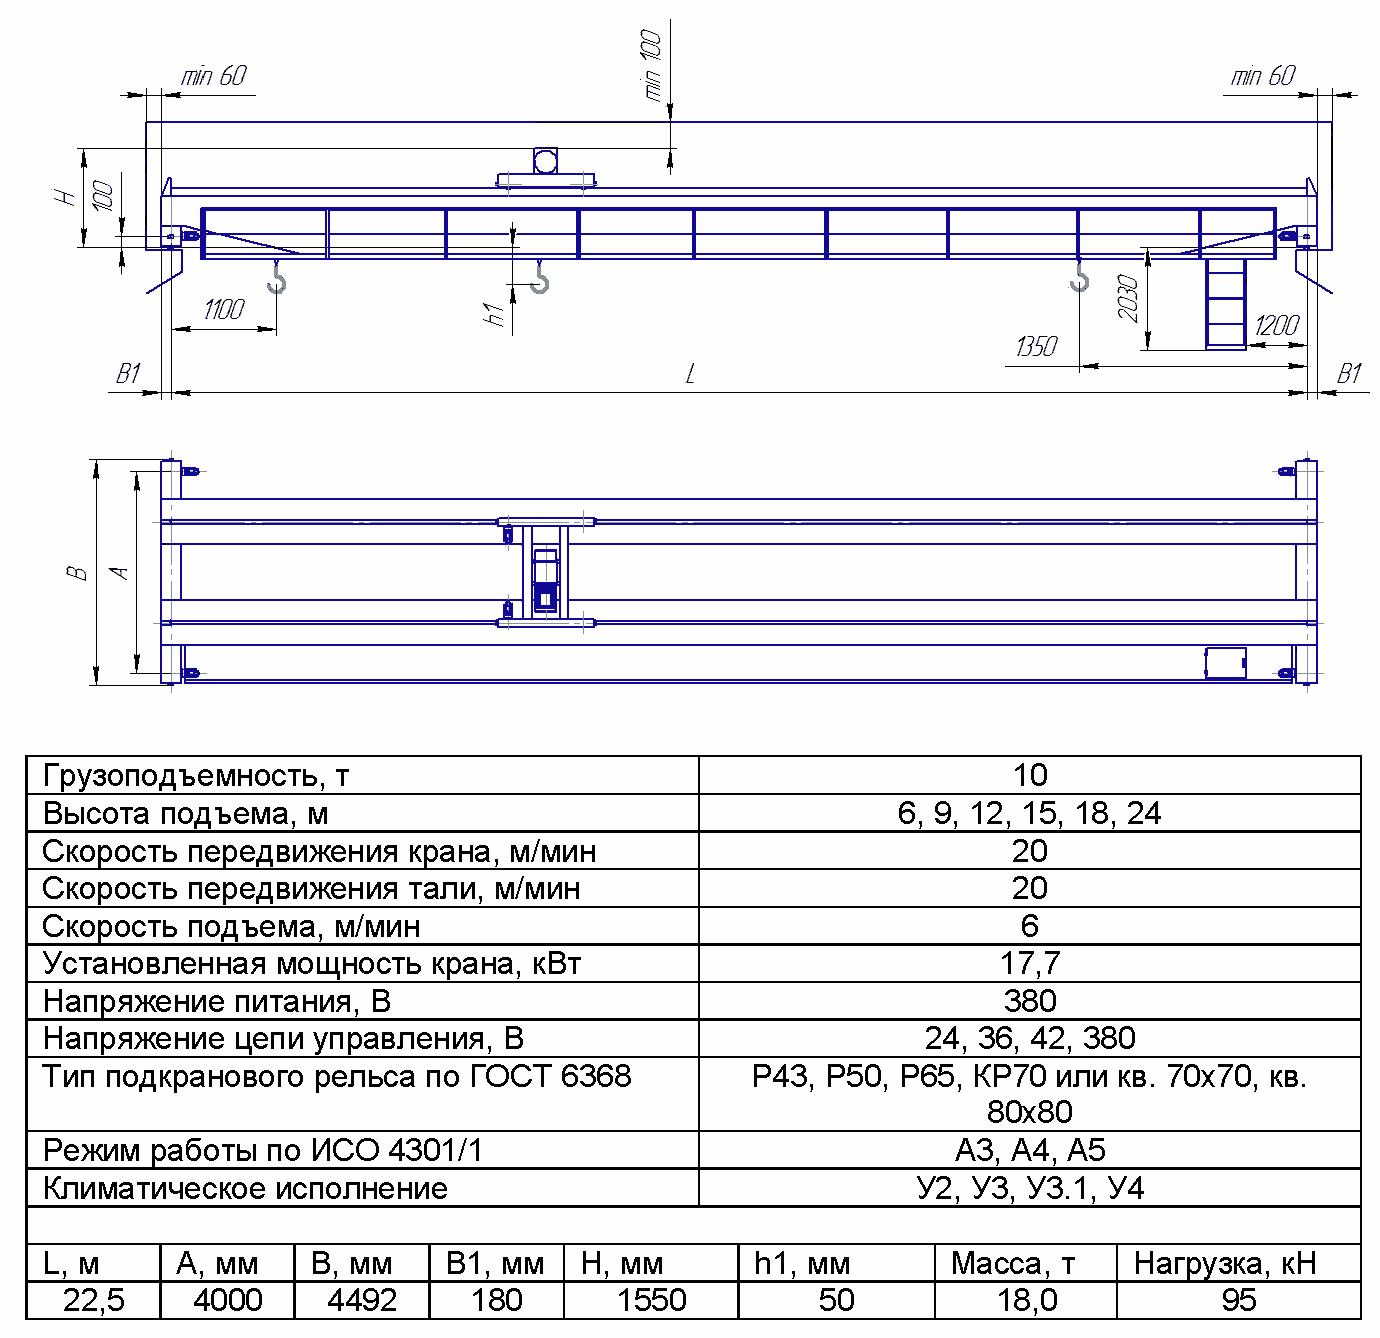 KMON 2 5 - Опорный мостовой кран общего назначения